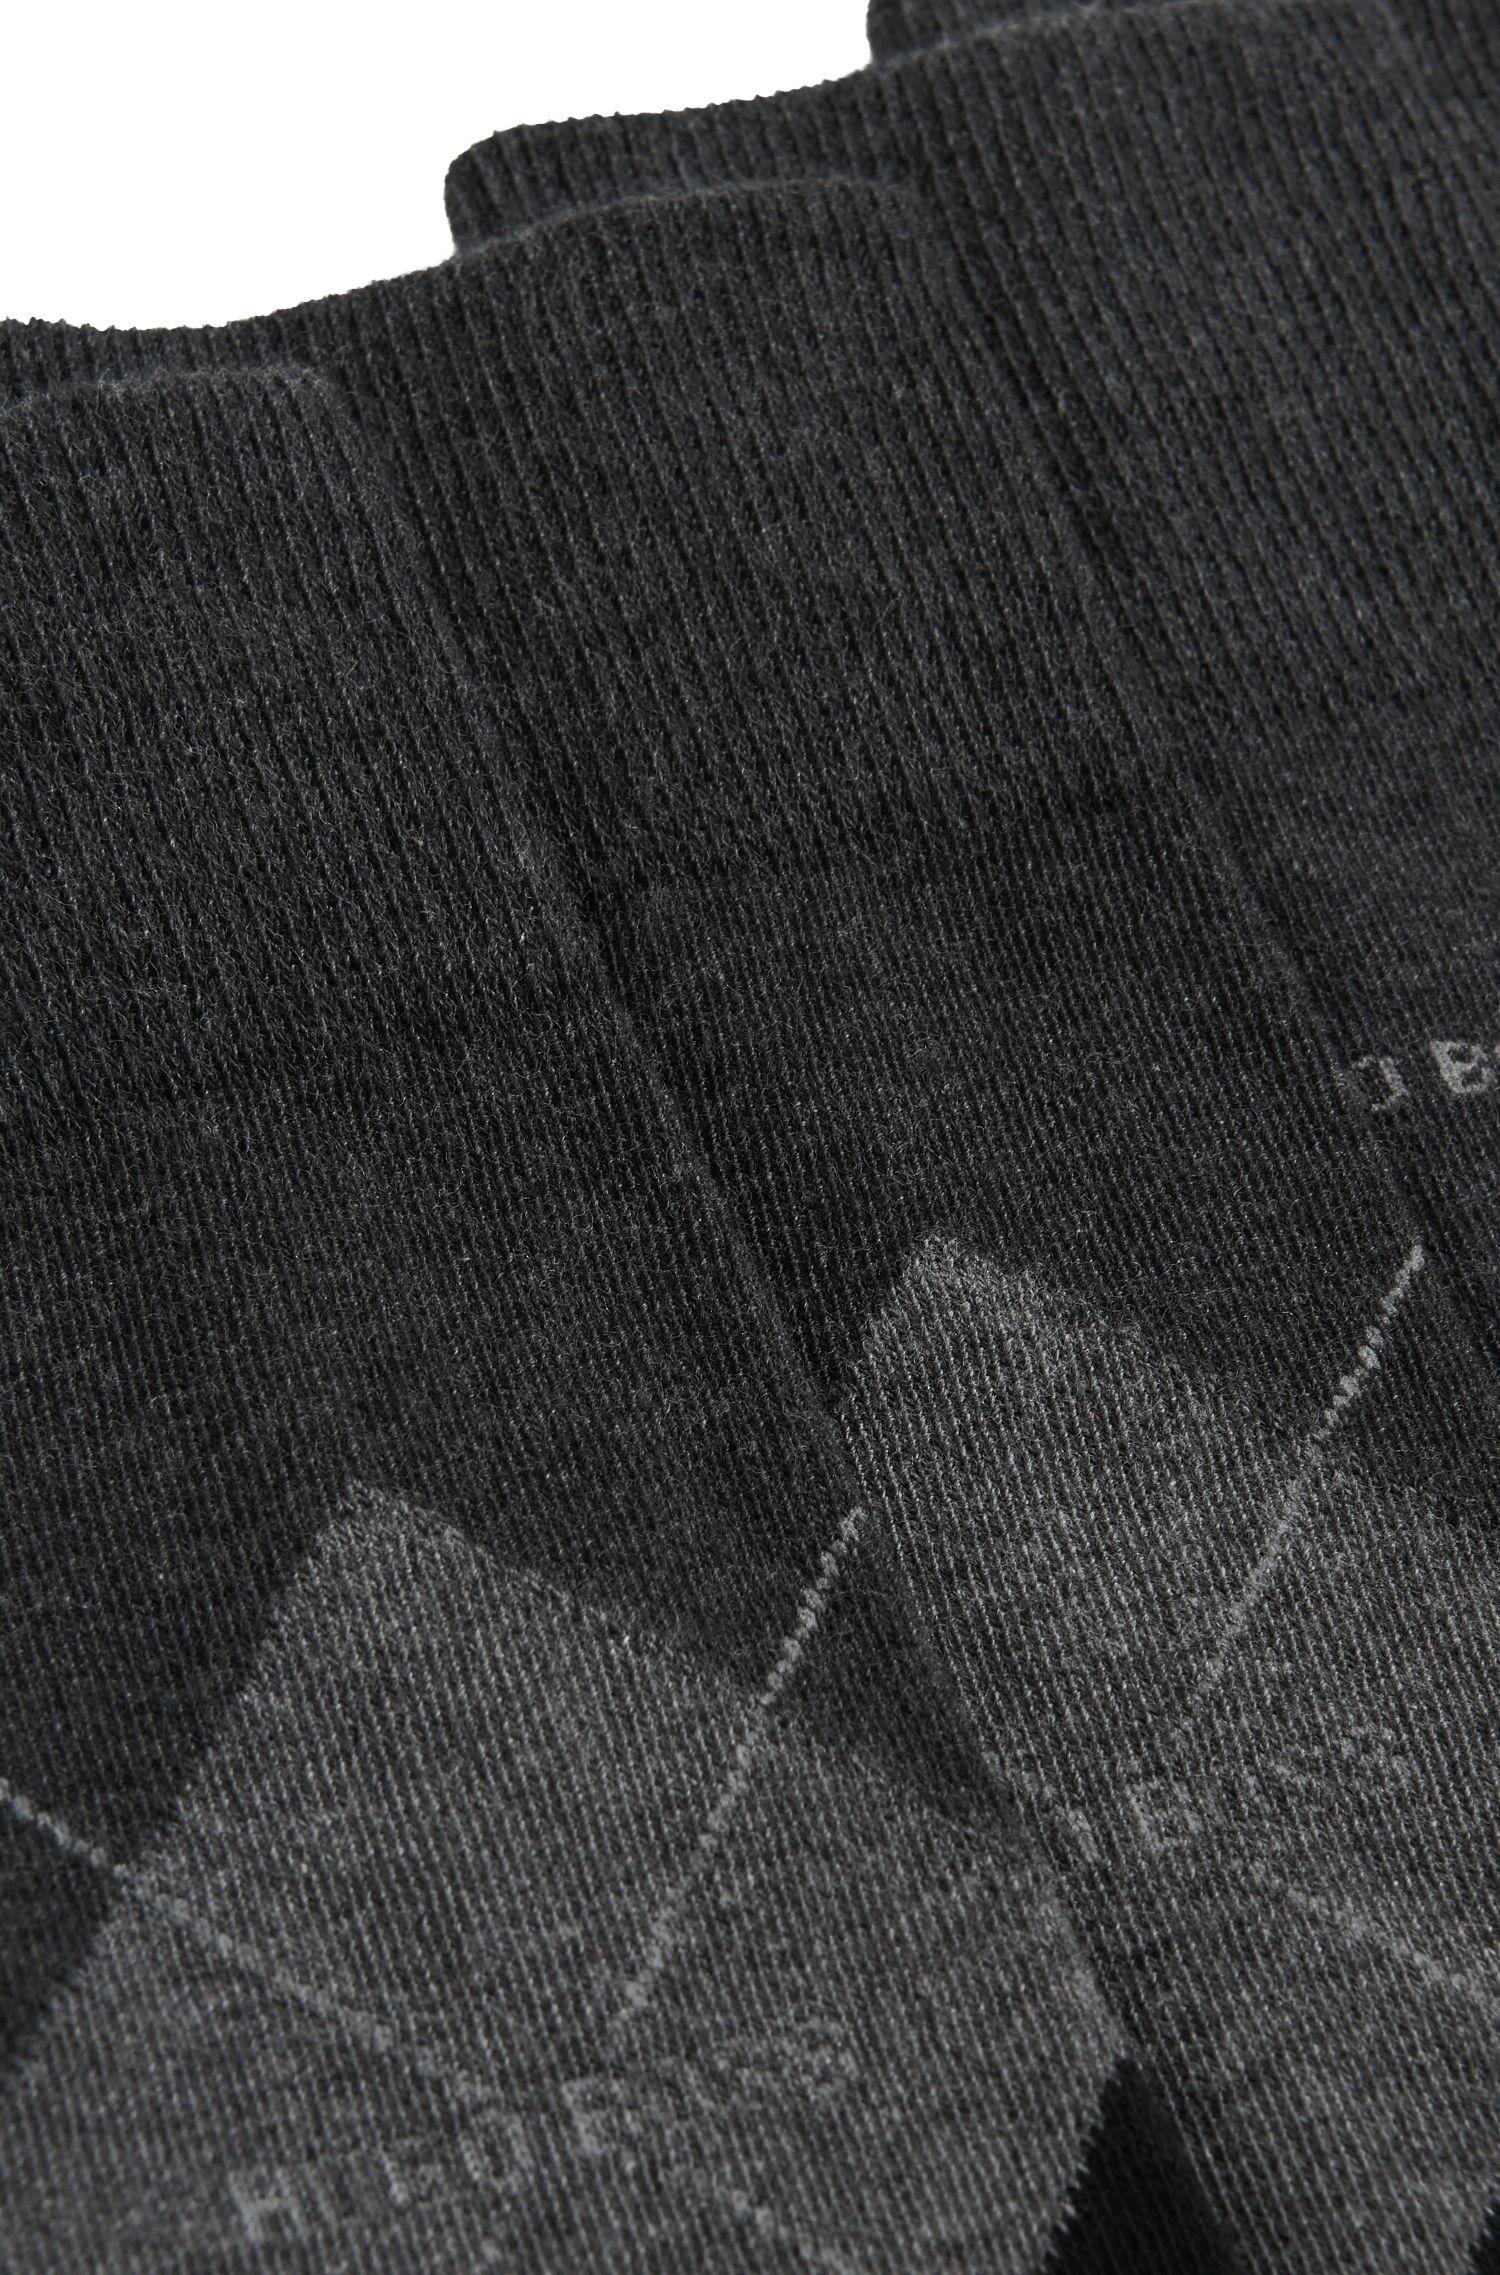 Set van twee paar sokken van een gekamde katoenmix met normale lengte, effen en met dessin